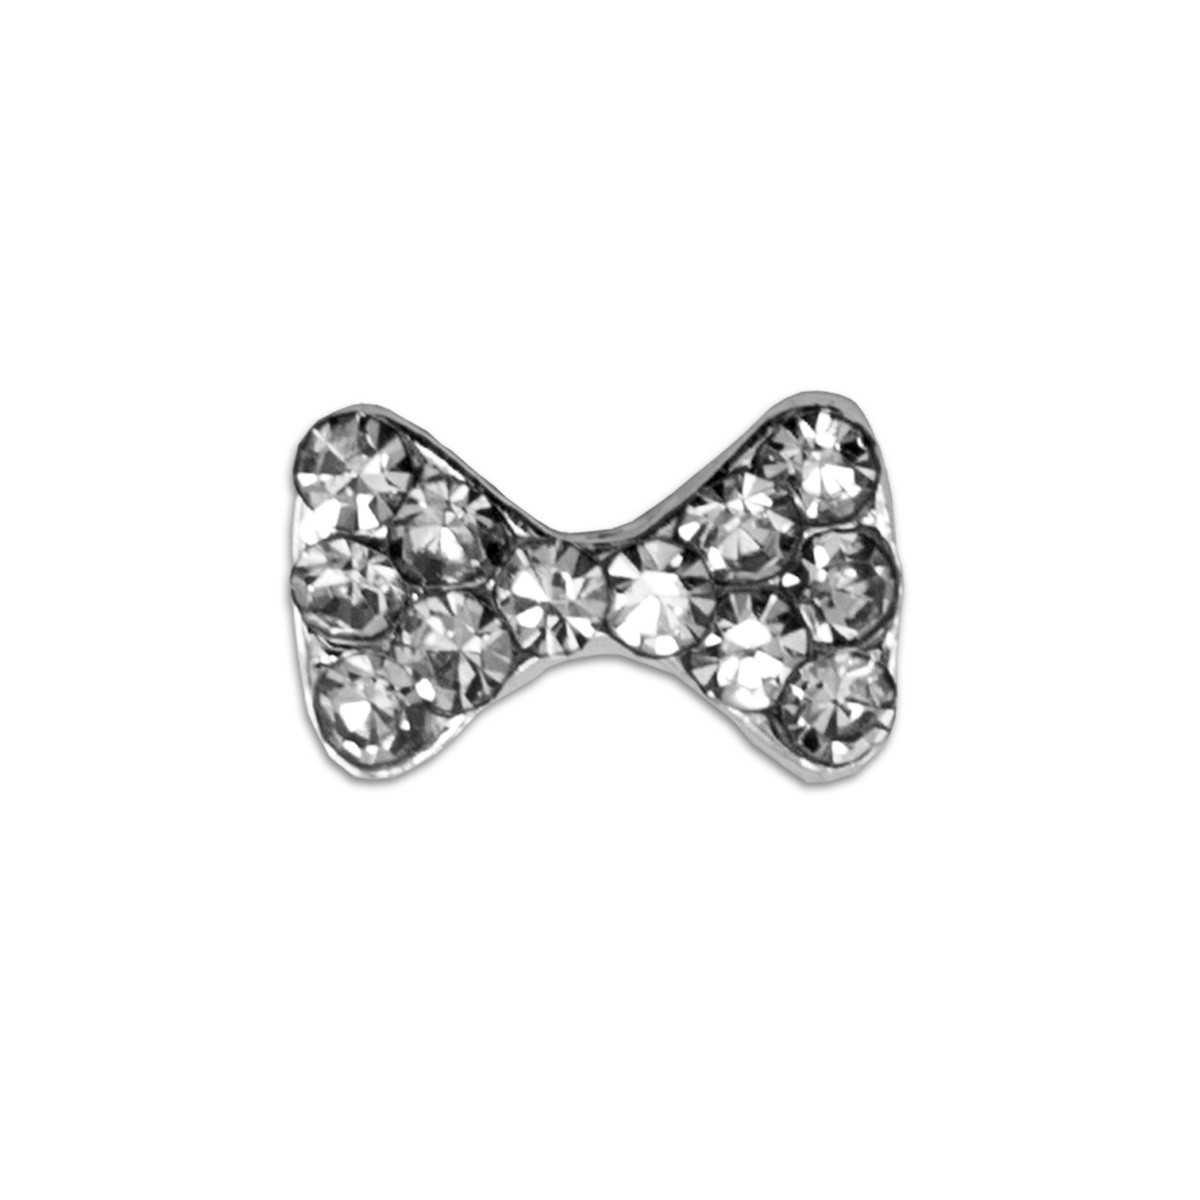 https://www.kit-manucure.com/1583-thickbox_default/bijoux-pour-ongles-nœud-argent-et-strass.jpg